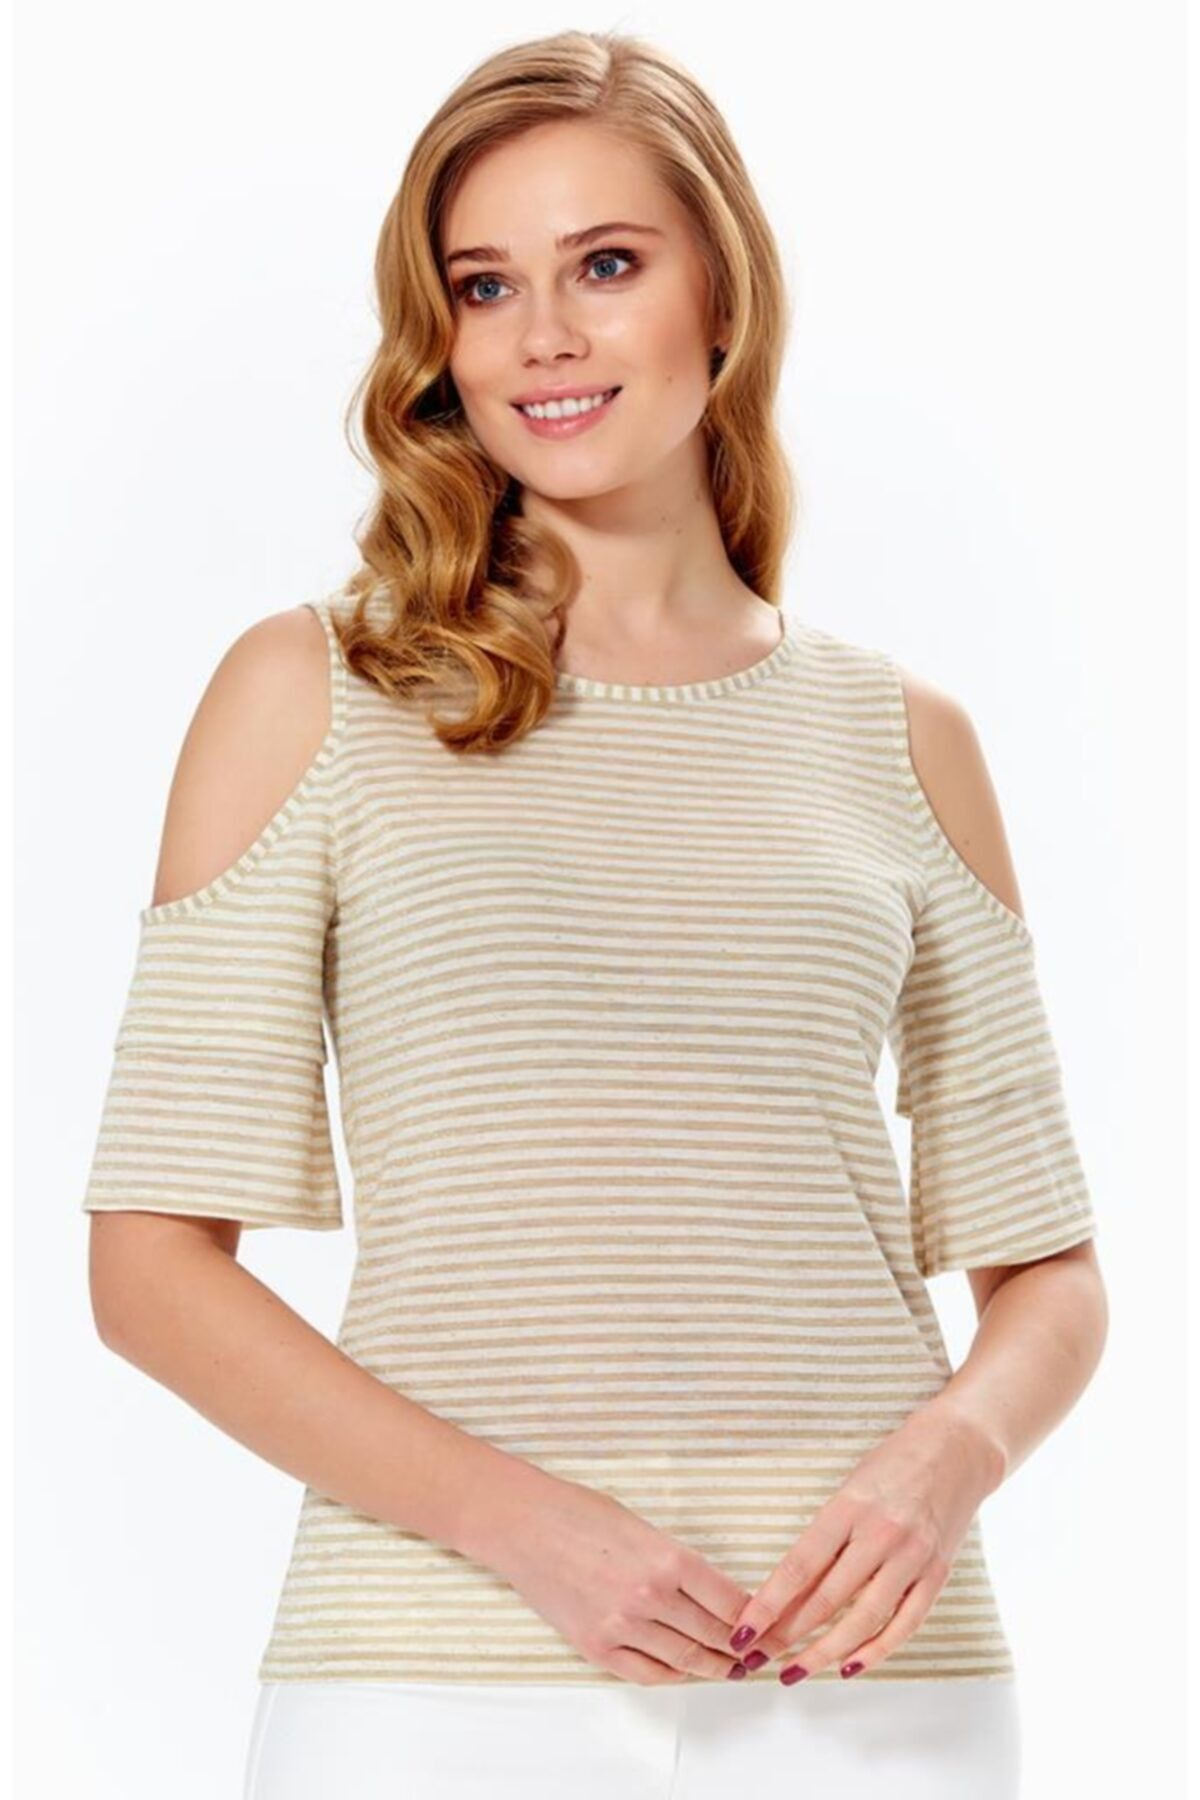 İKİLER Kadın Kum Beji Omuzu Yırtmaçlı Volanlı Çizgili Bluz 018-1610 1